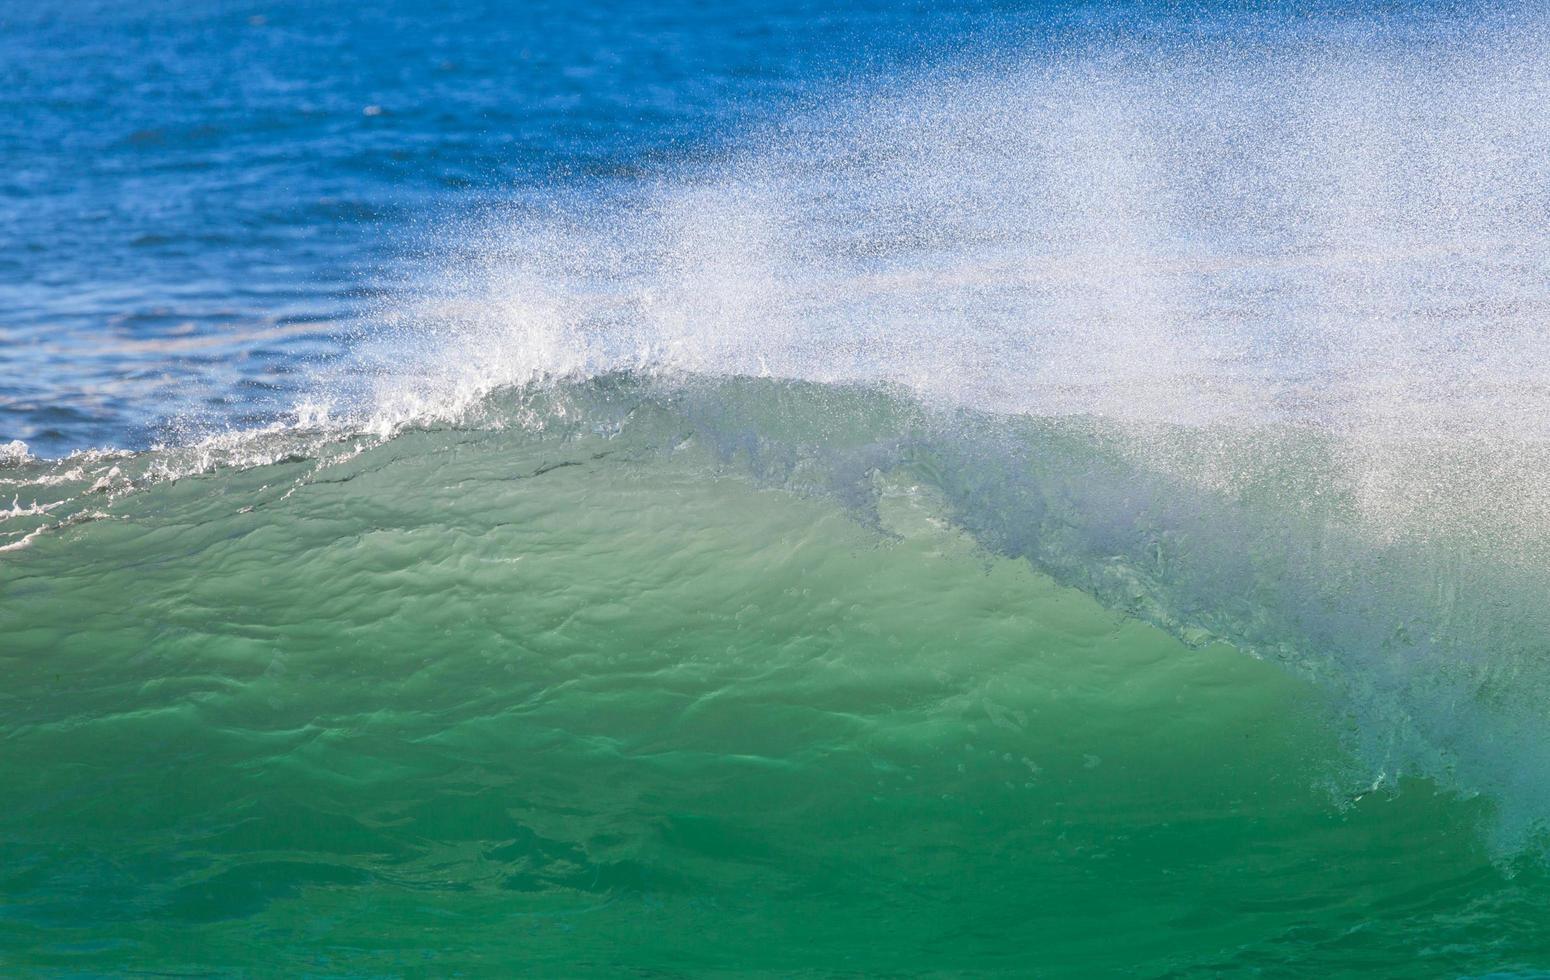 Olas del océano rompiendo en la orilla durante el día foto